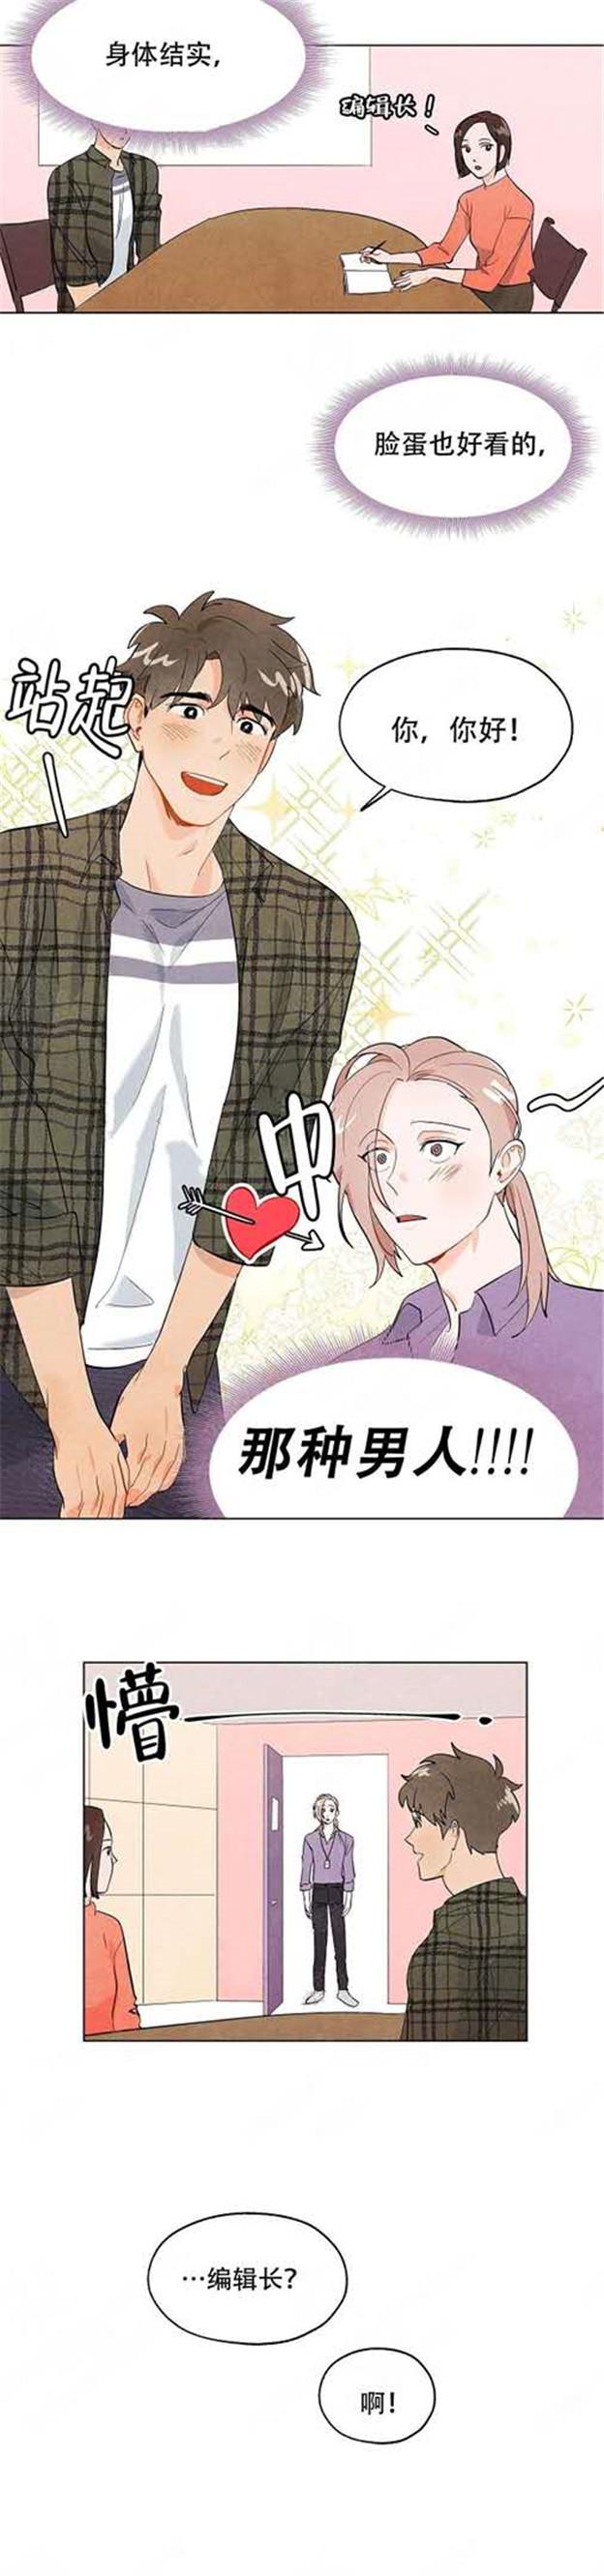 狐狸吃甜葡萄-漫画下拉式完整版资源_最新连载首发-啵乐漫画